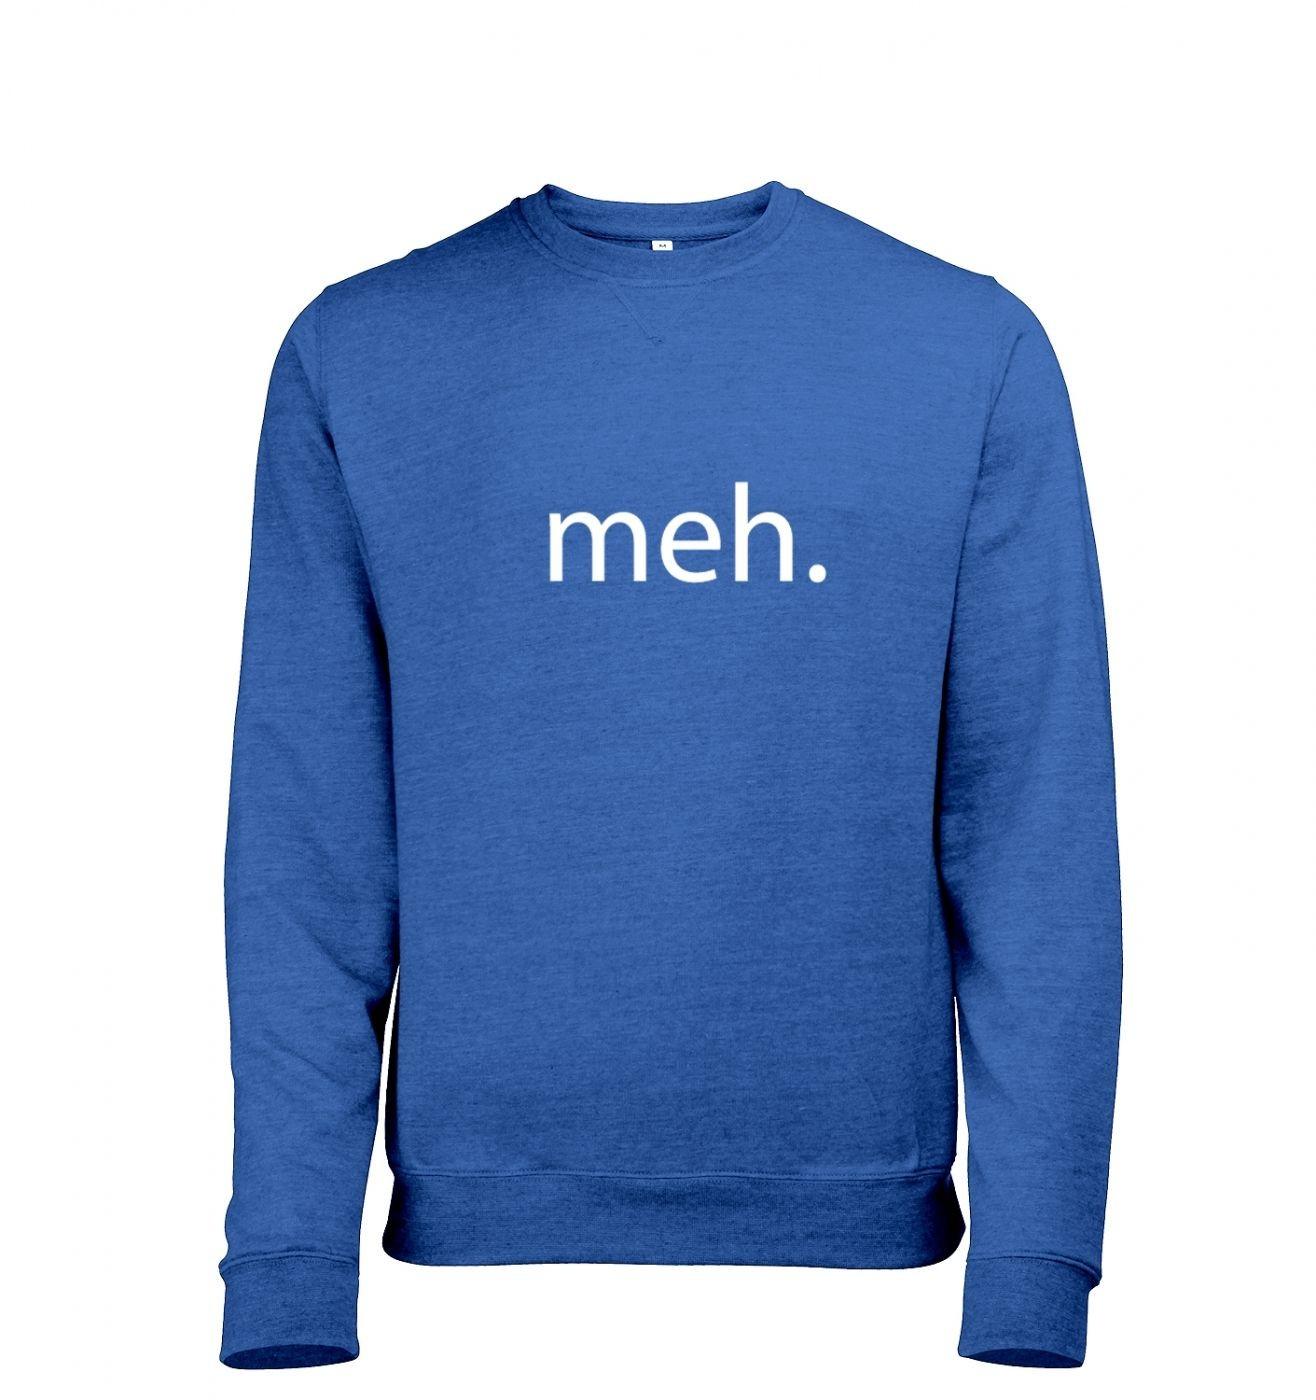 Meh men's heather sweatshirt